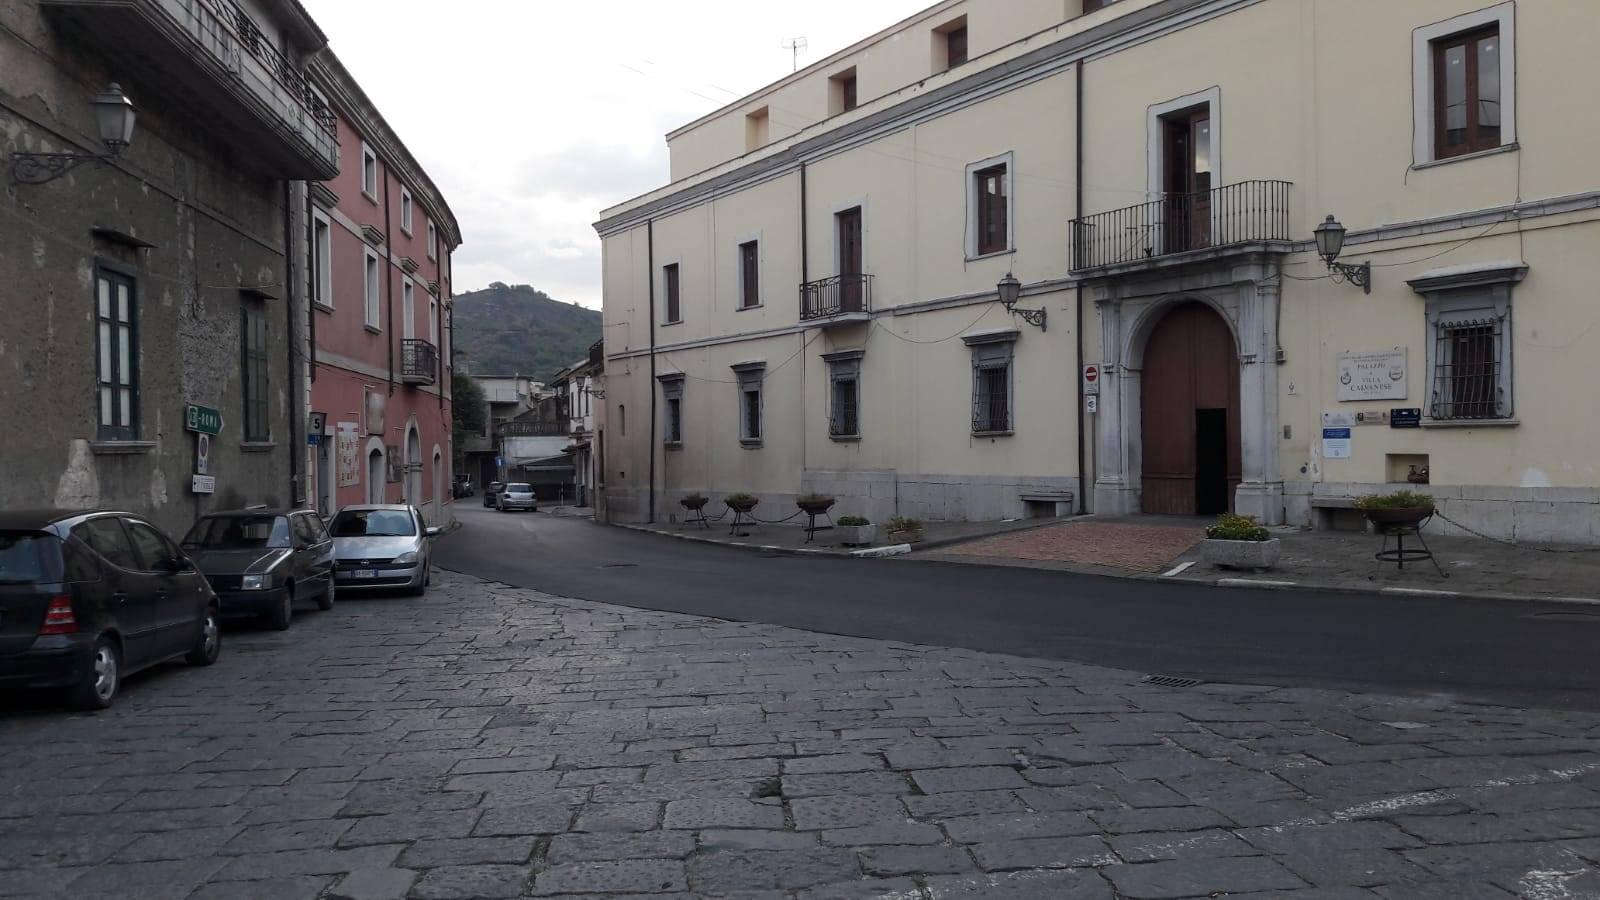 Soluzione Semindipendente in vendita a Castel San Giorgio, 6 locali, zona Zona: Lanzara, prezzo € 125.000 | CambioCasa.it